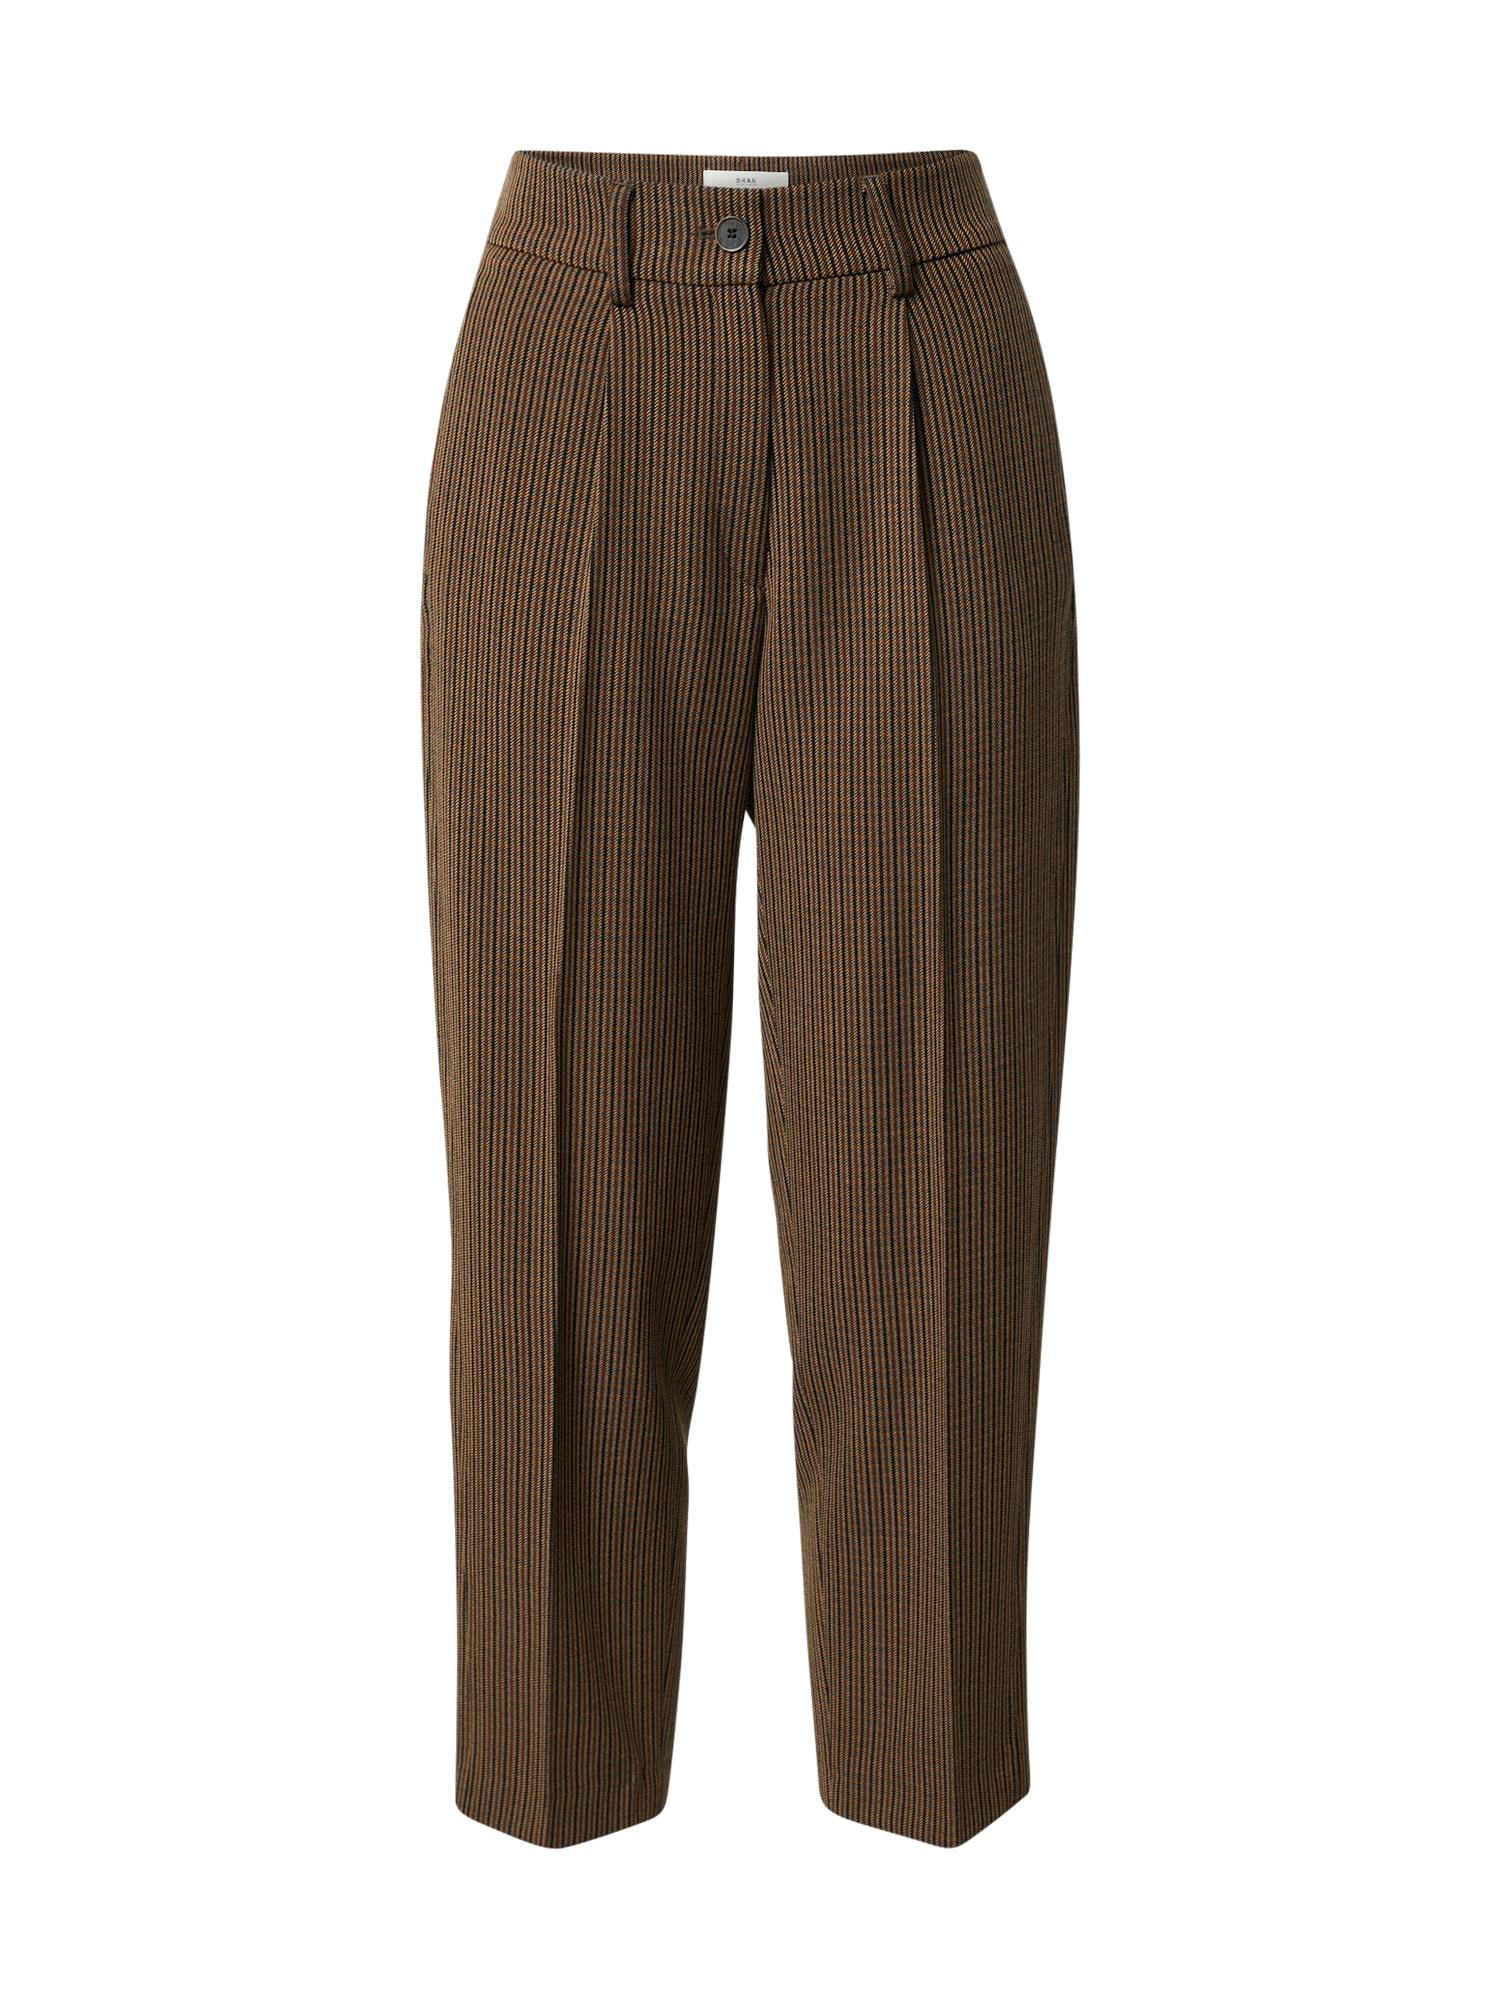 BRAX Klostuotos kelnės